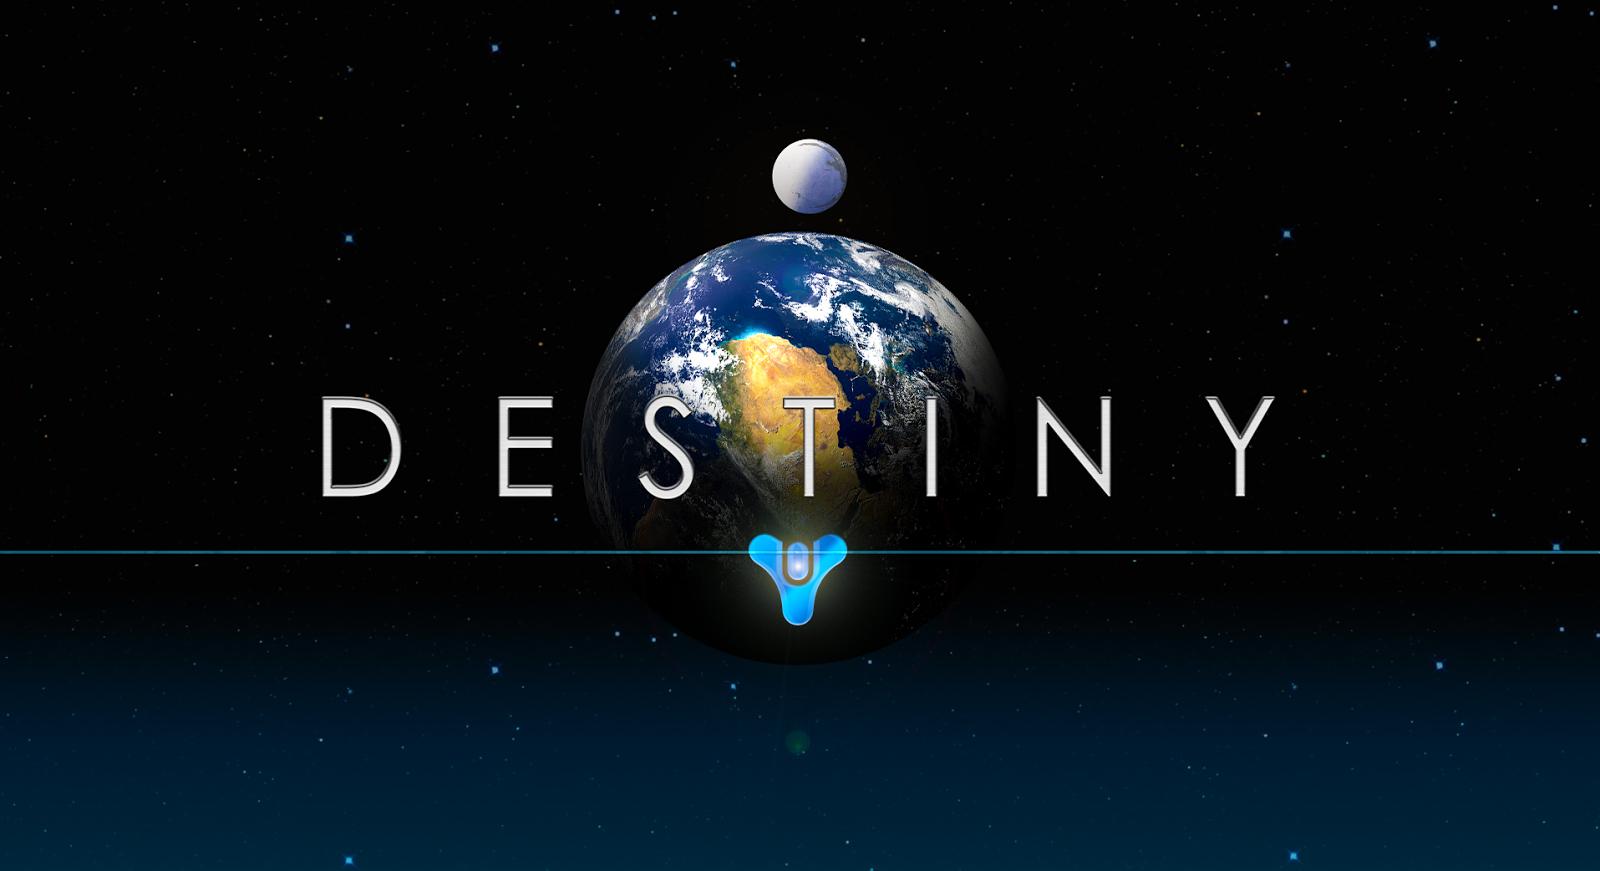 В игре Destiny будут присутствовать драконы